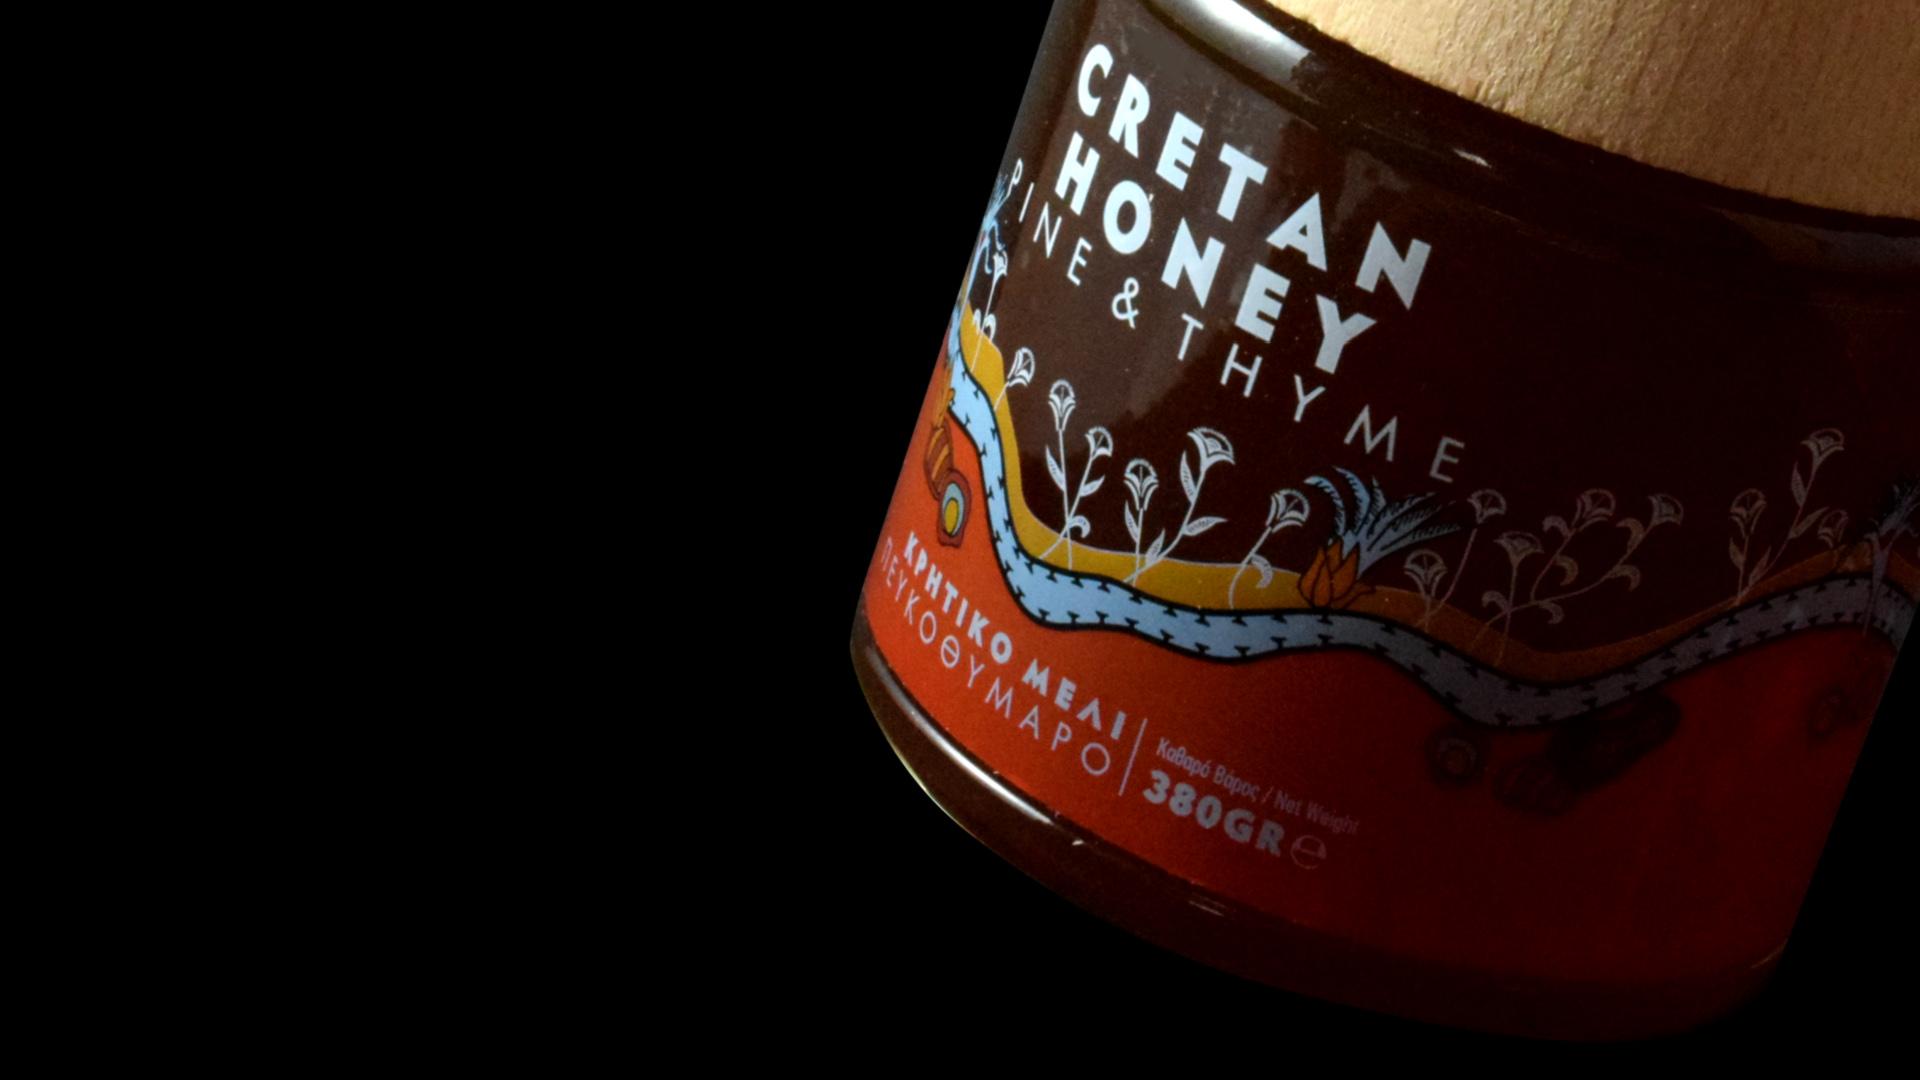 Cretan Honey